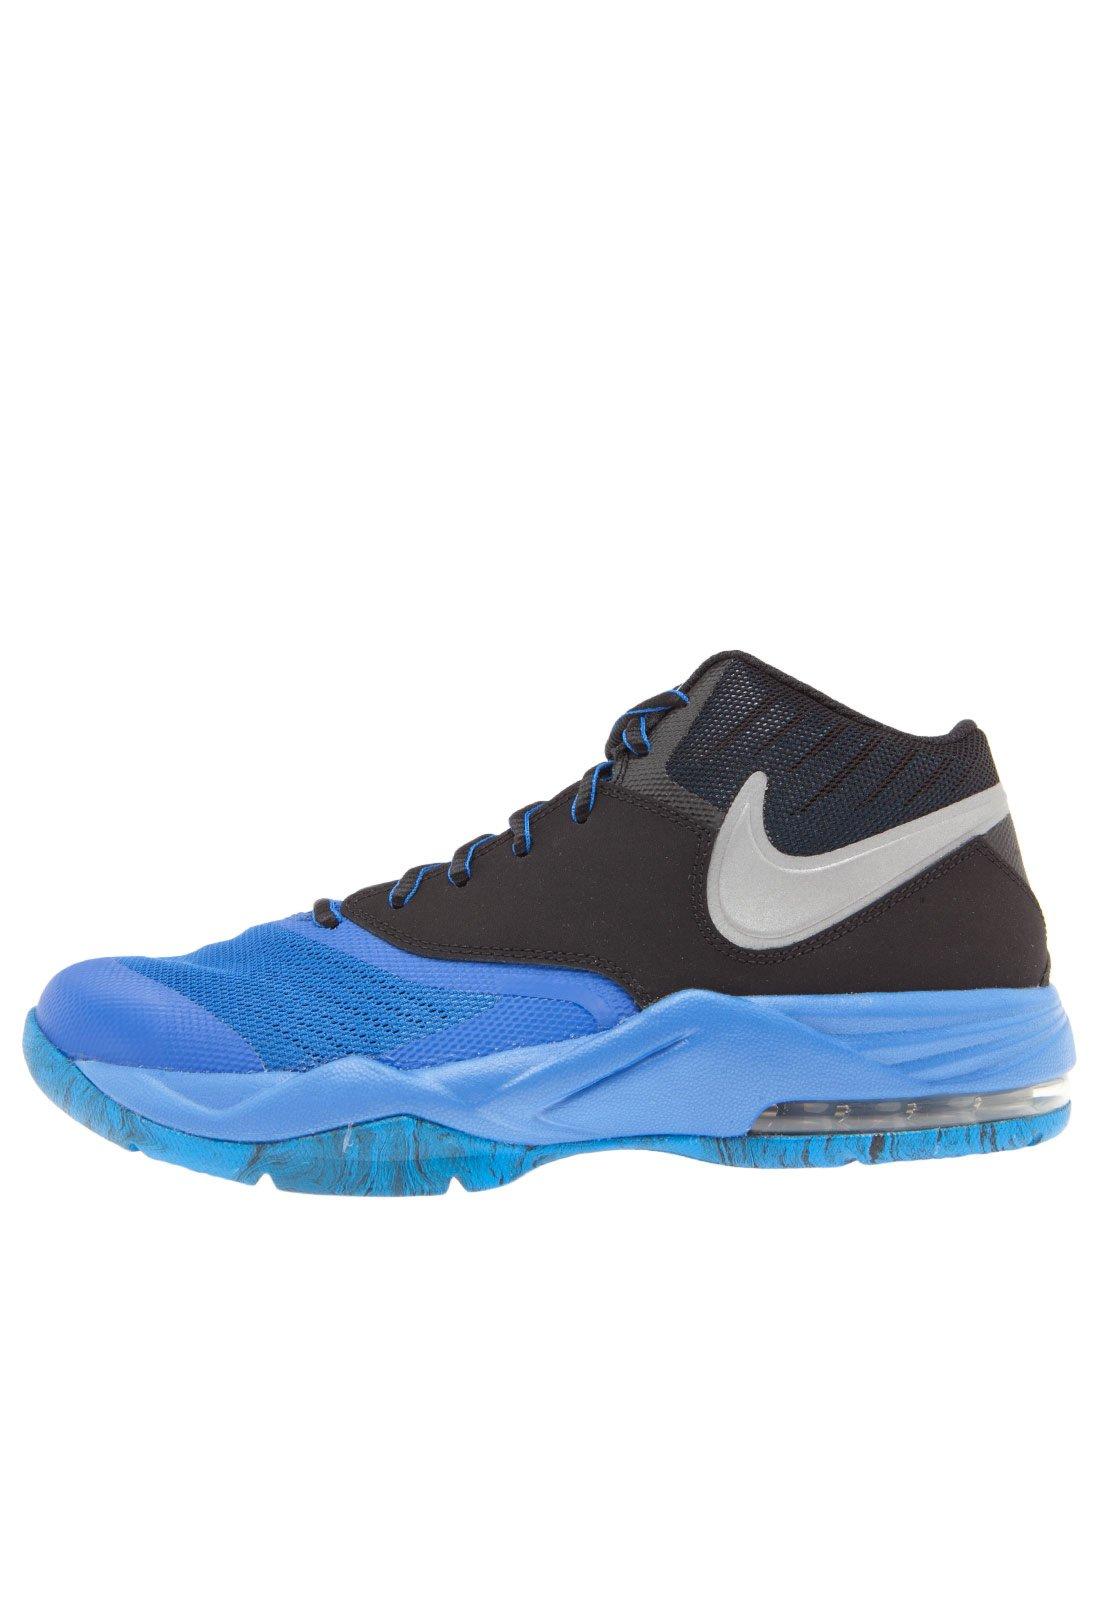 Nike bravata salão infantil. as melhores marcas pelos menores preços você  só encontra aqui! código  hypervenom phelon ii indoor court proporciona  agilidade ... 55a5493f8dd6b